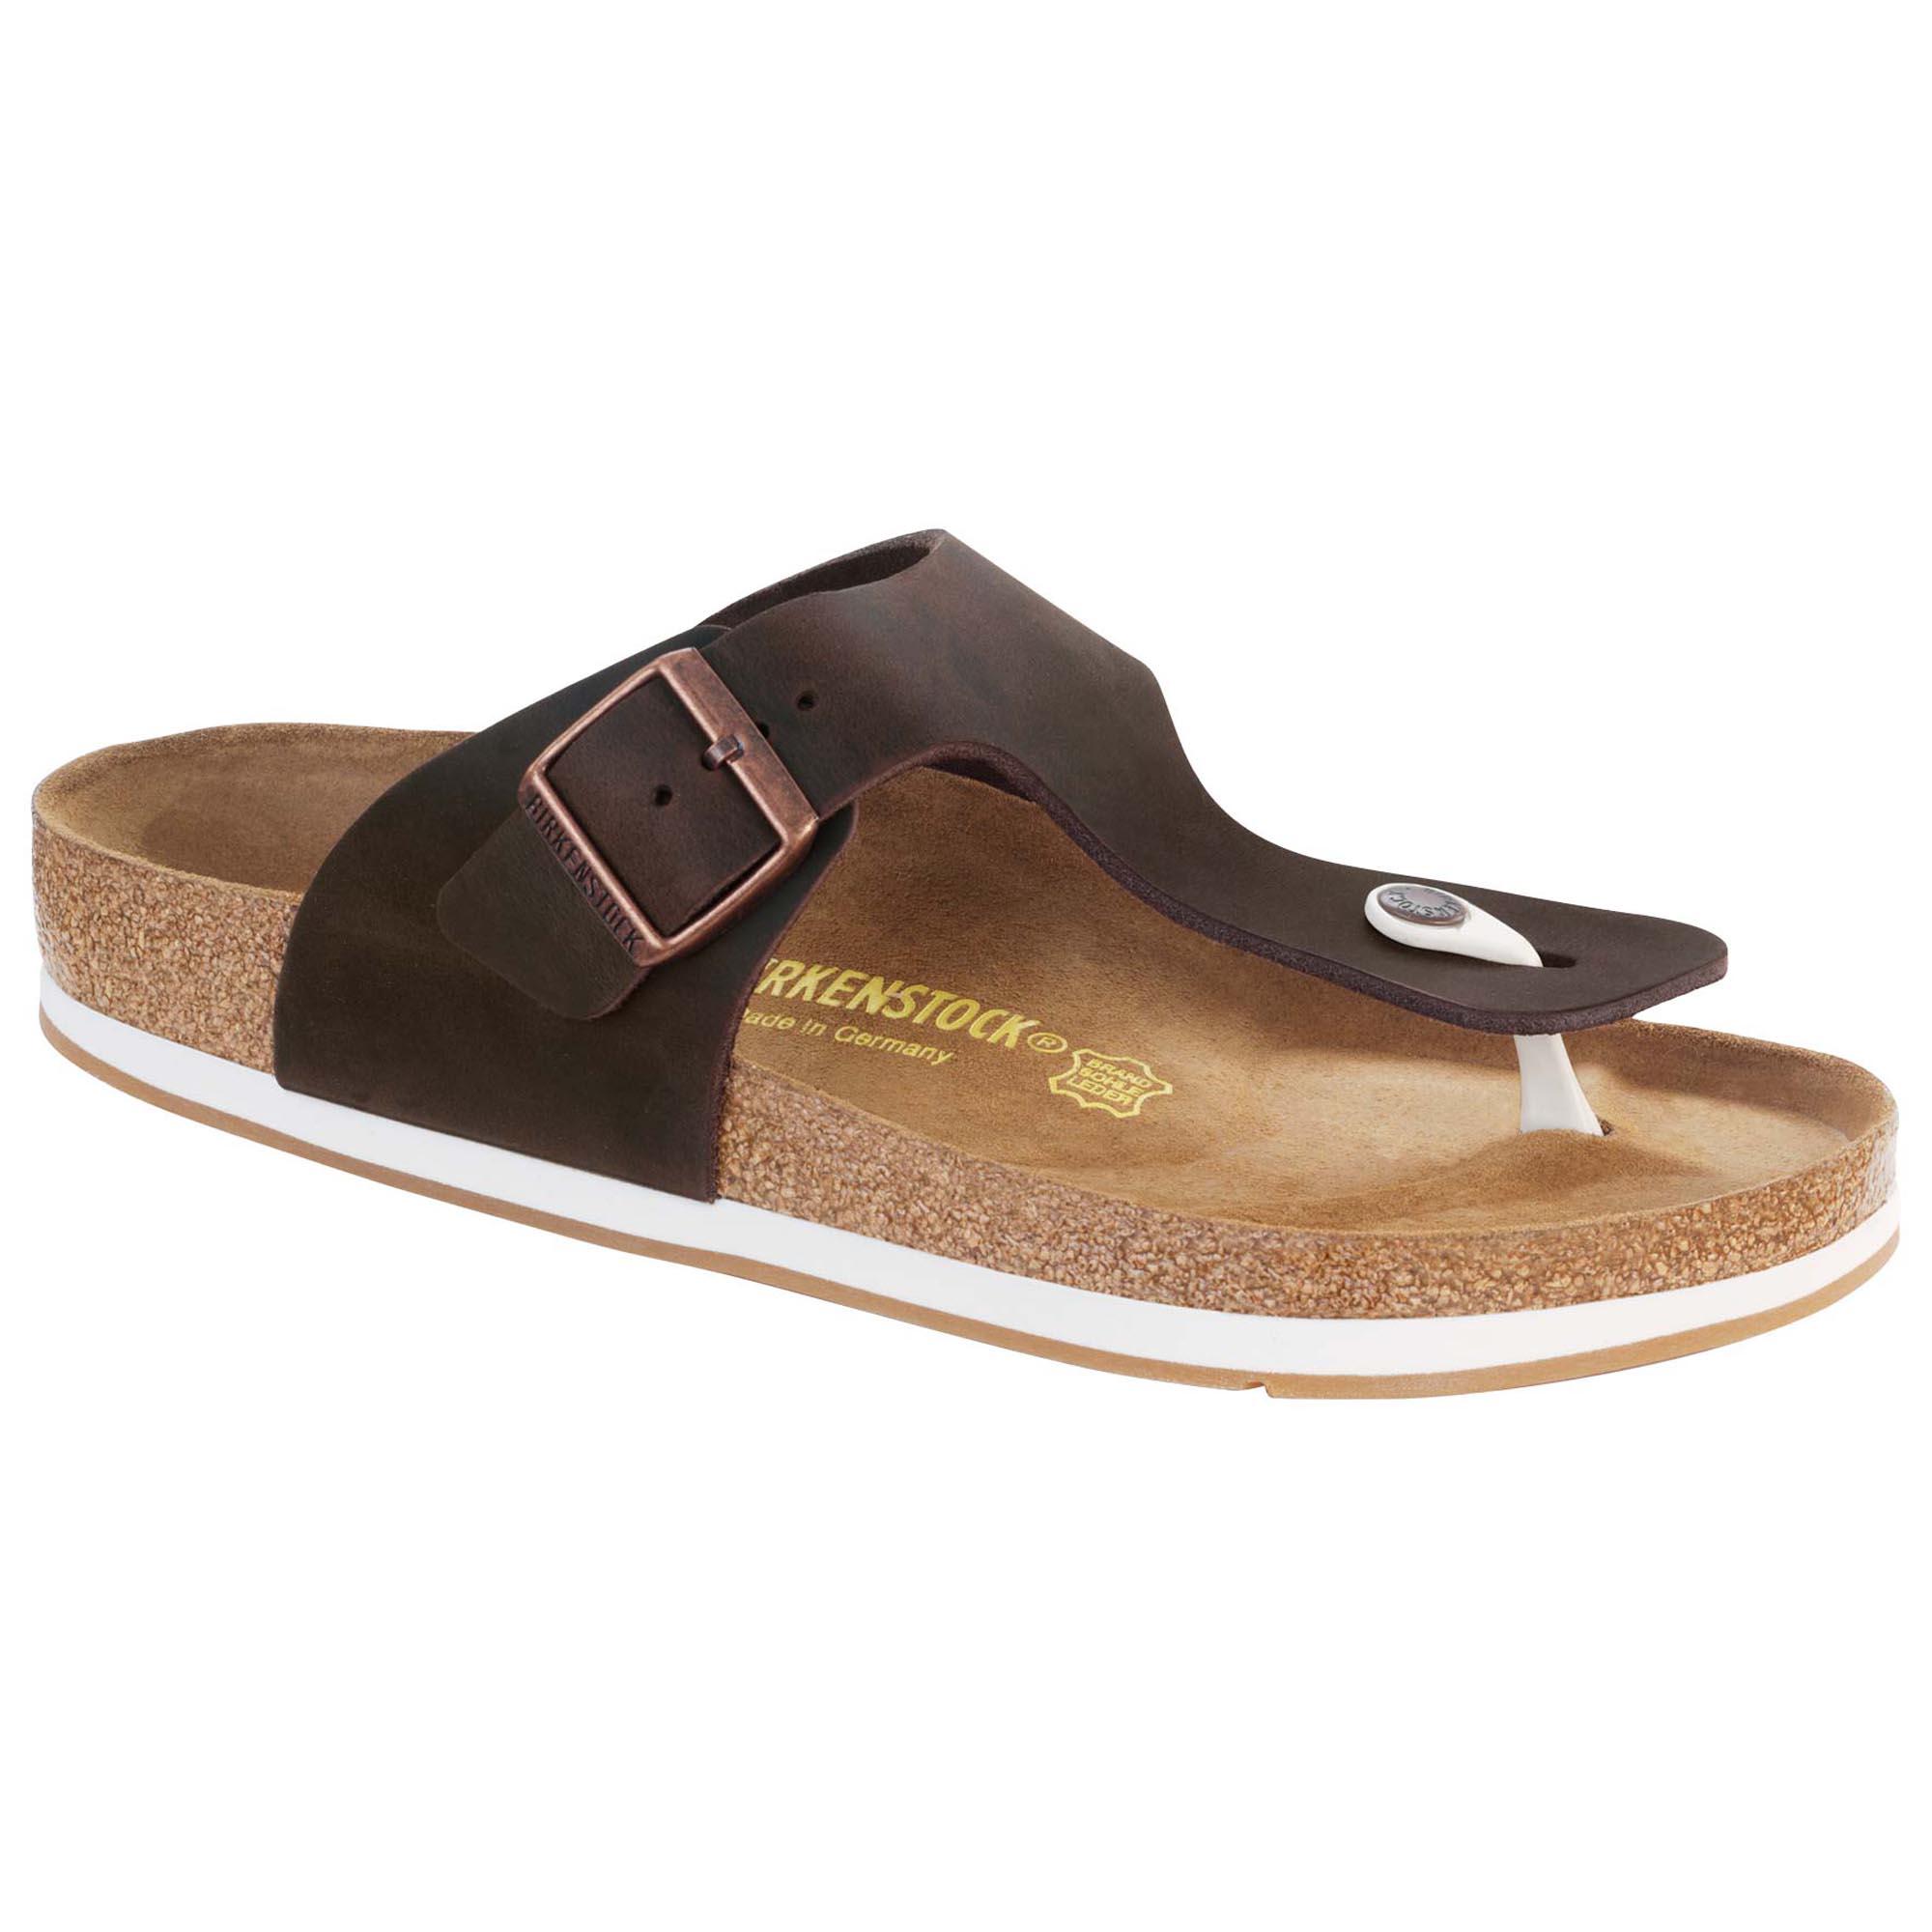 635a1674dfea Ramses Oiled Leather Habana